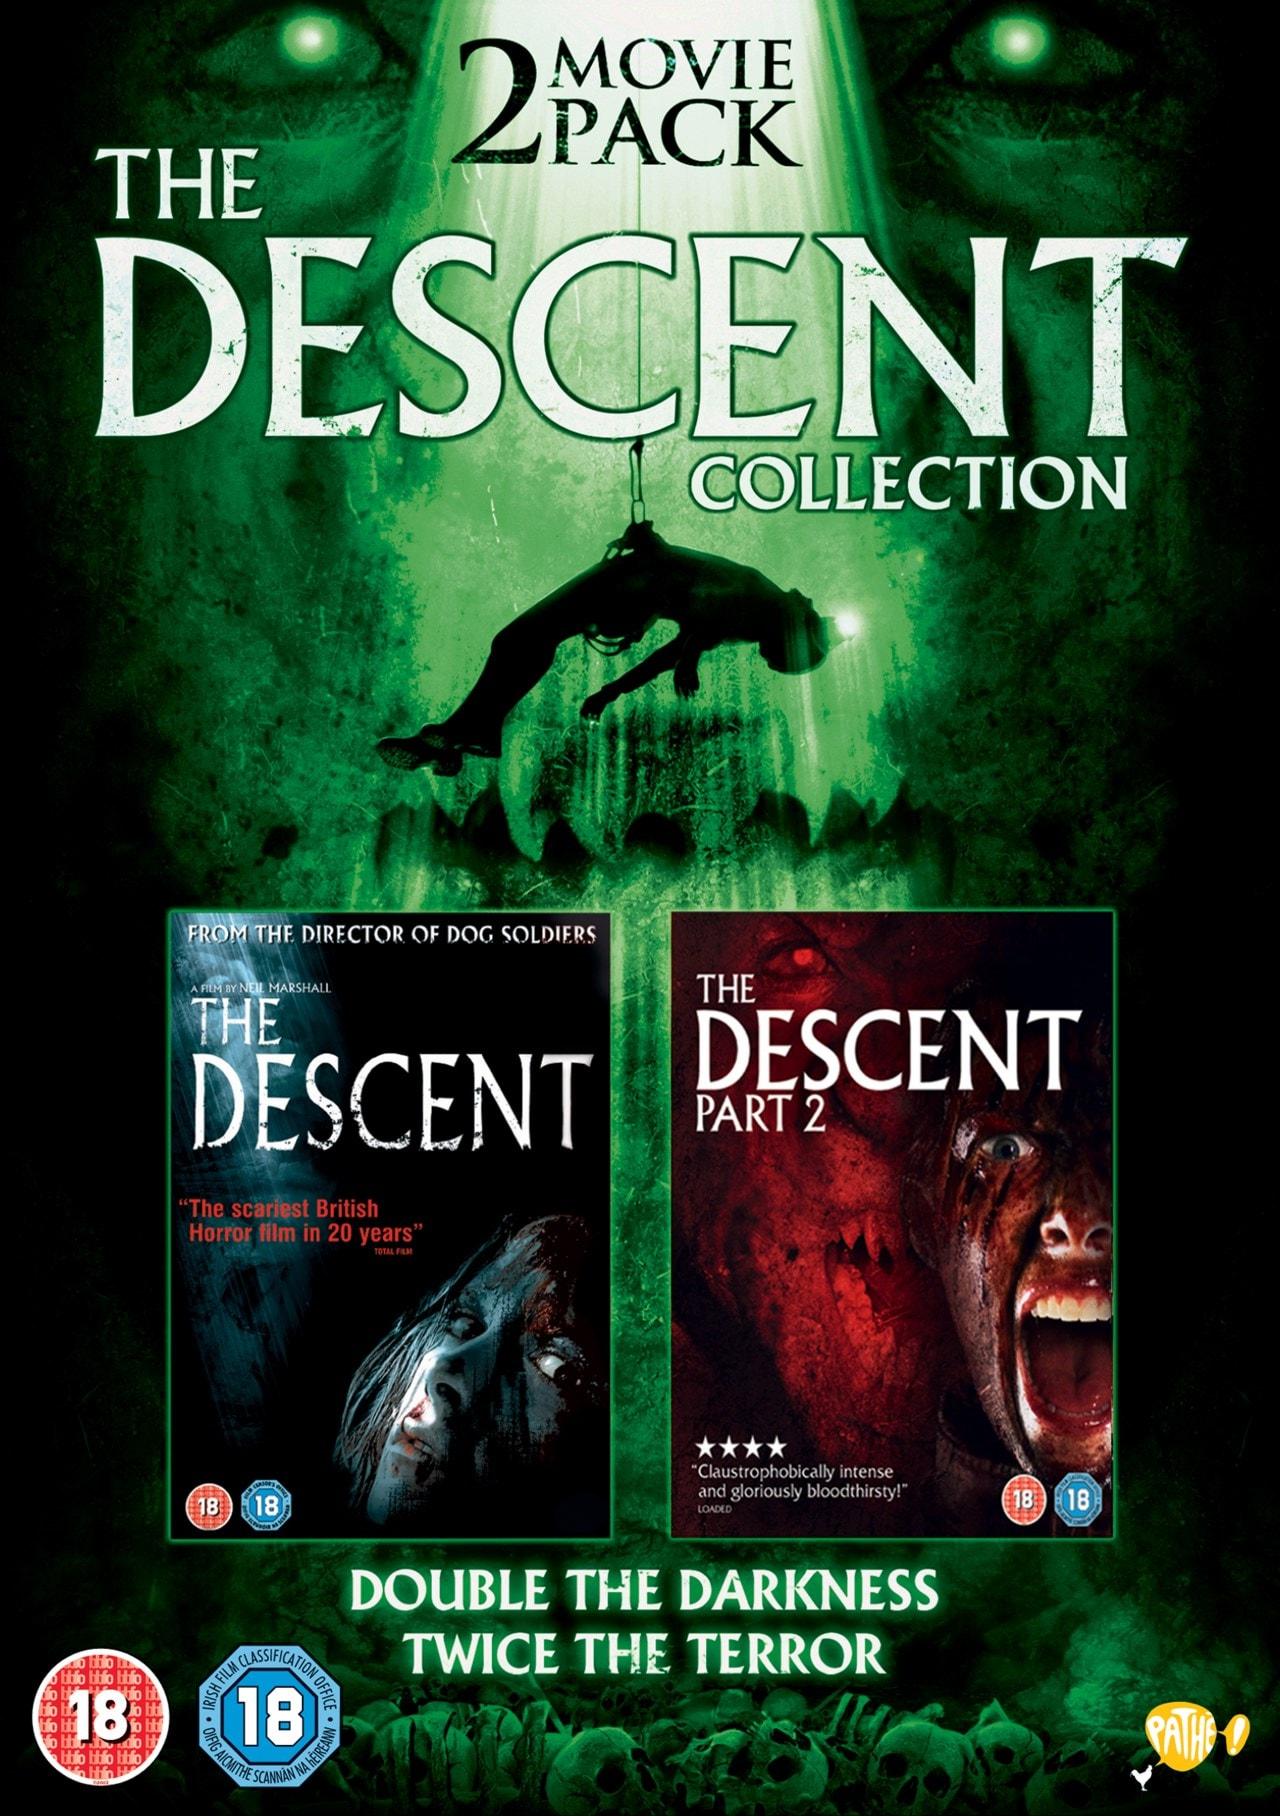 The Descent/The Descent: Part 2 - 1